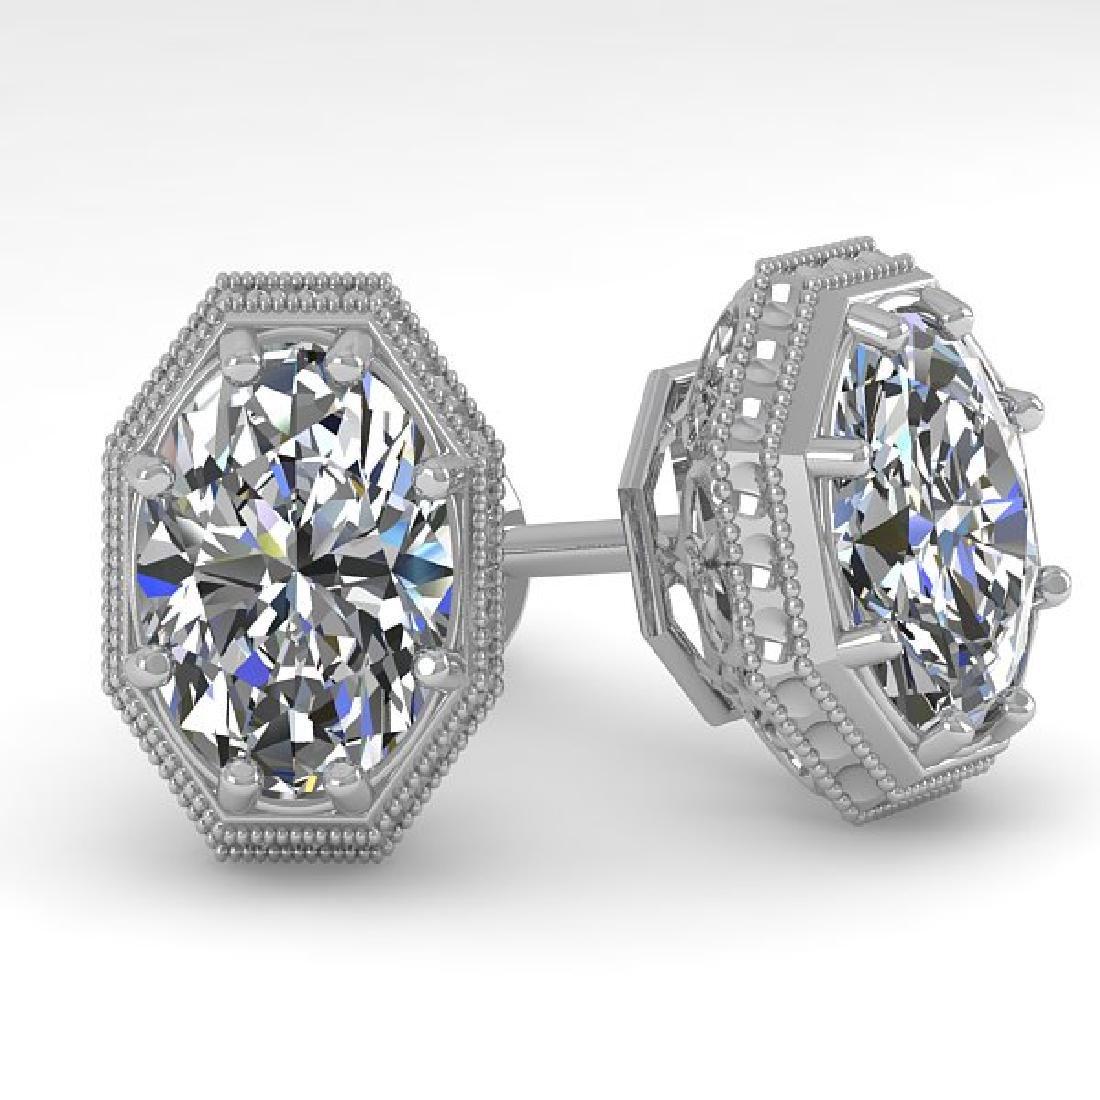 2 CTW VS/SI Oval Cut Diamond Stud Earrings 18K White